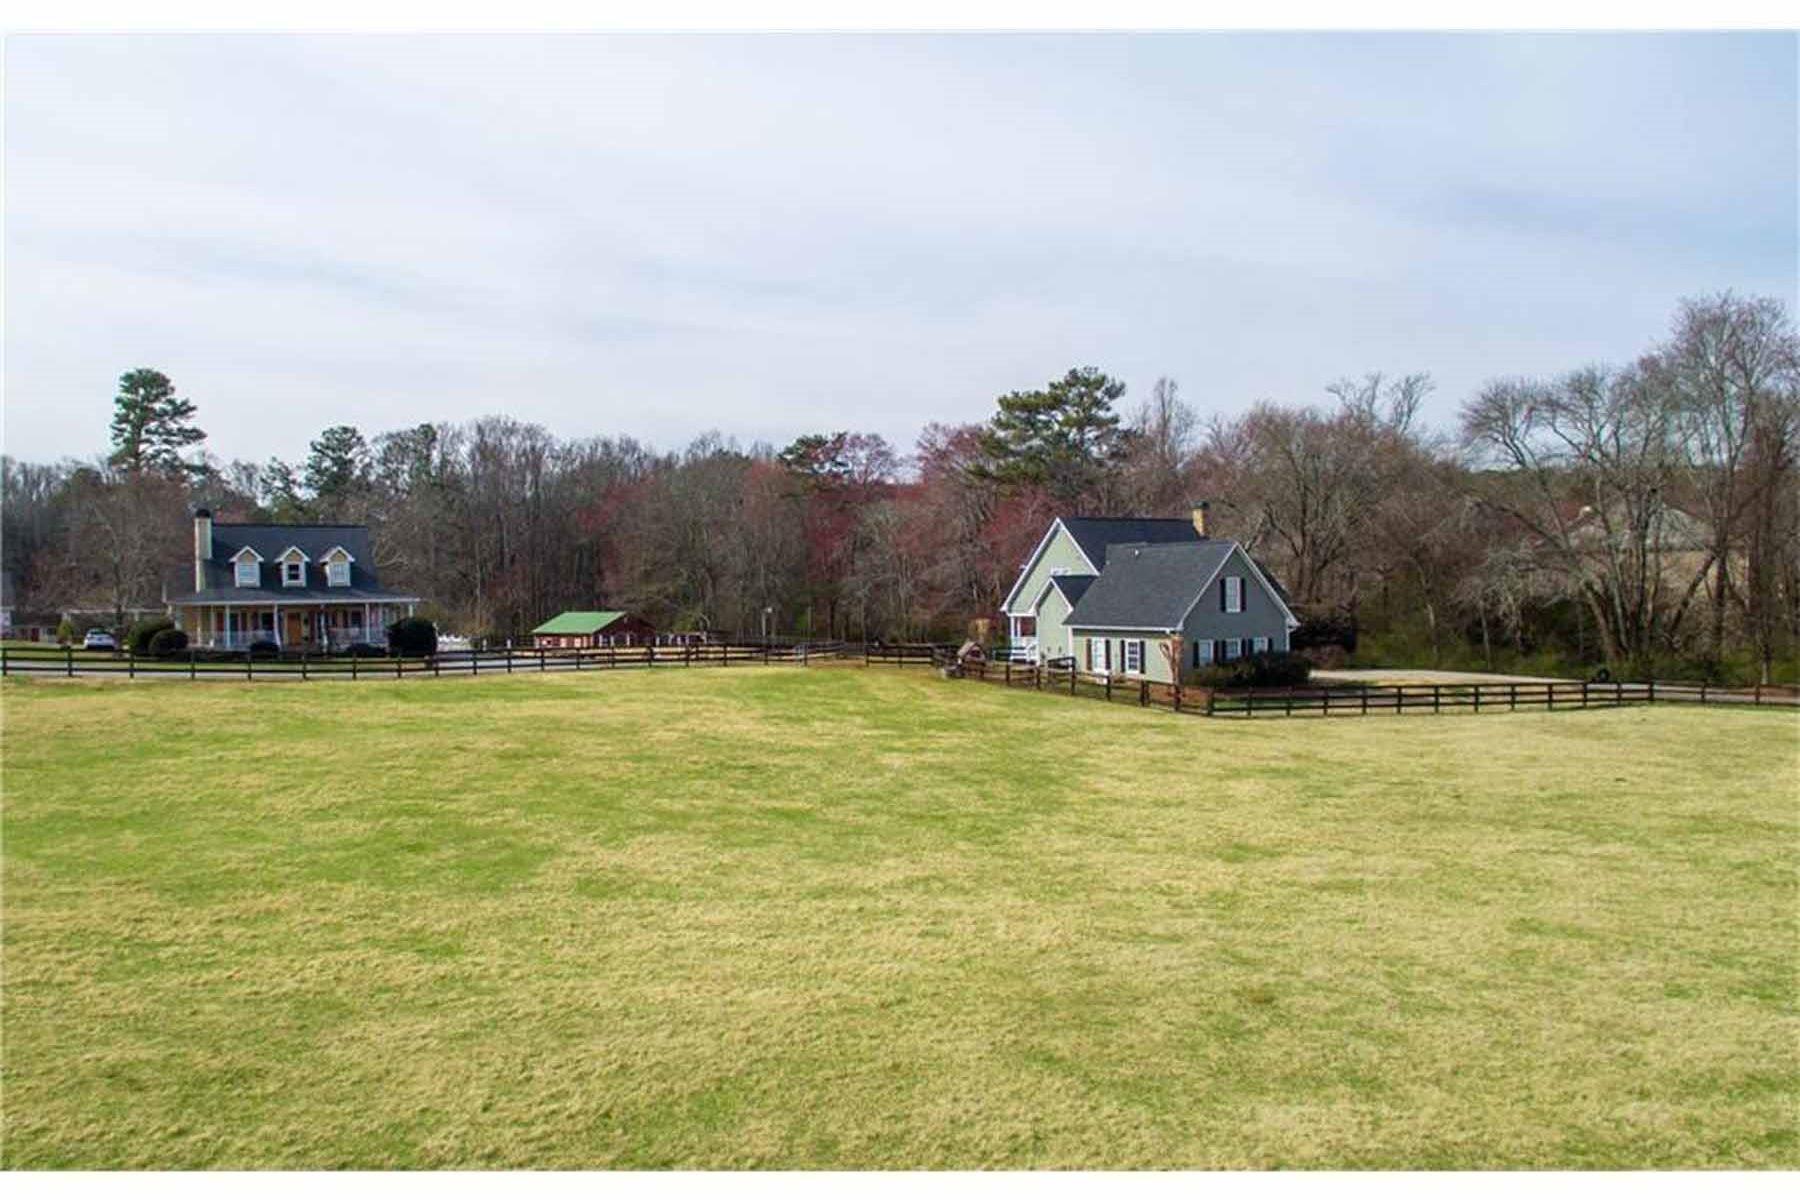 Villa per Vendita alle ore PEACEFUL TWO HOME, 7 ACRE ESTATE CLOSE TO HISTORIC ALPHARETTA & CRABAPPLE 1175 Mid Broadwell Road Alpharetta, Georgia, 30004 Stati Uniti